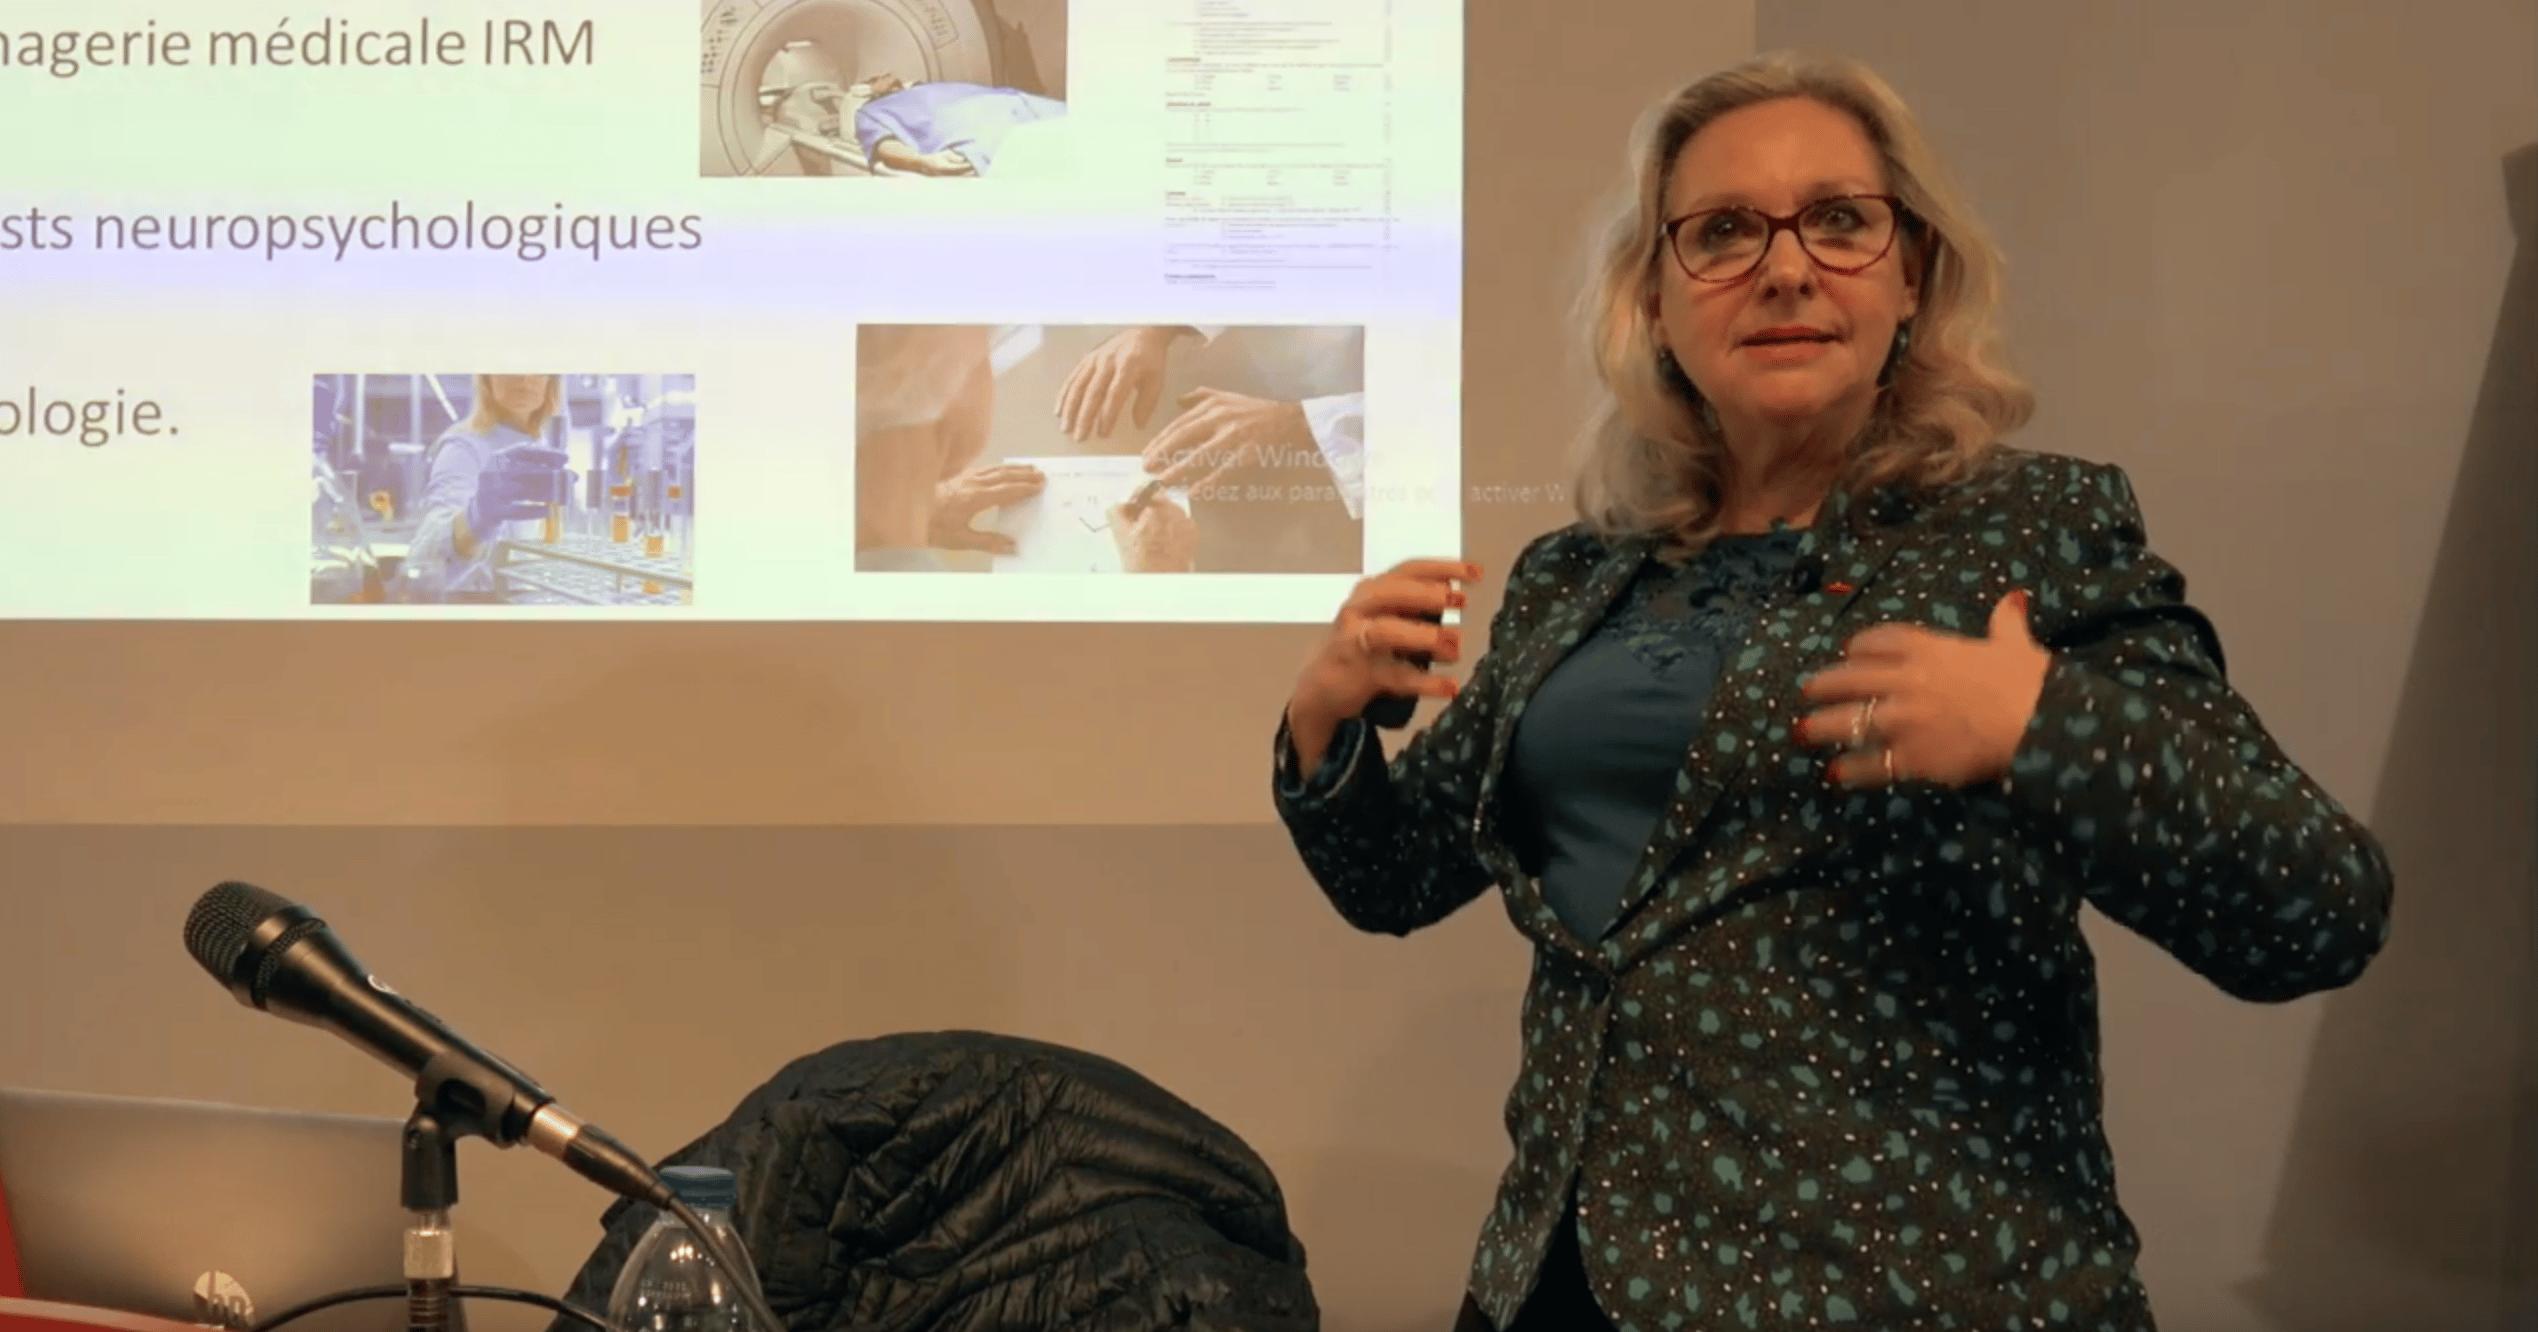 Véronique Lefebvre des Noëttes – La clinique d'Alzheimer